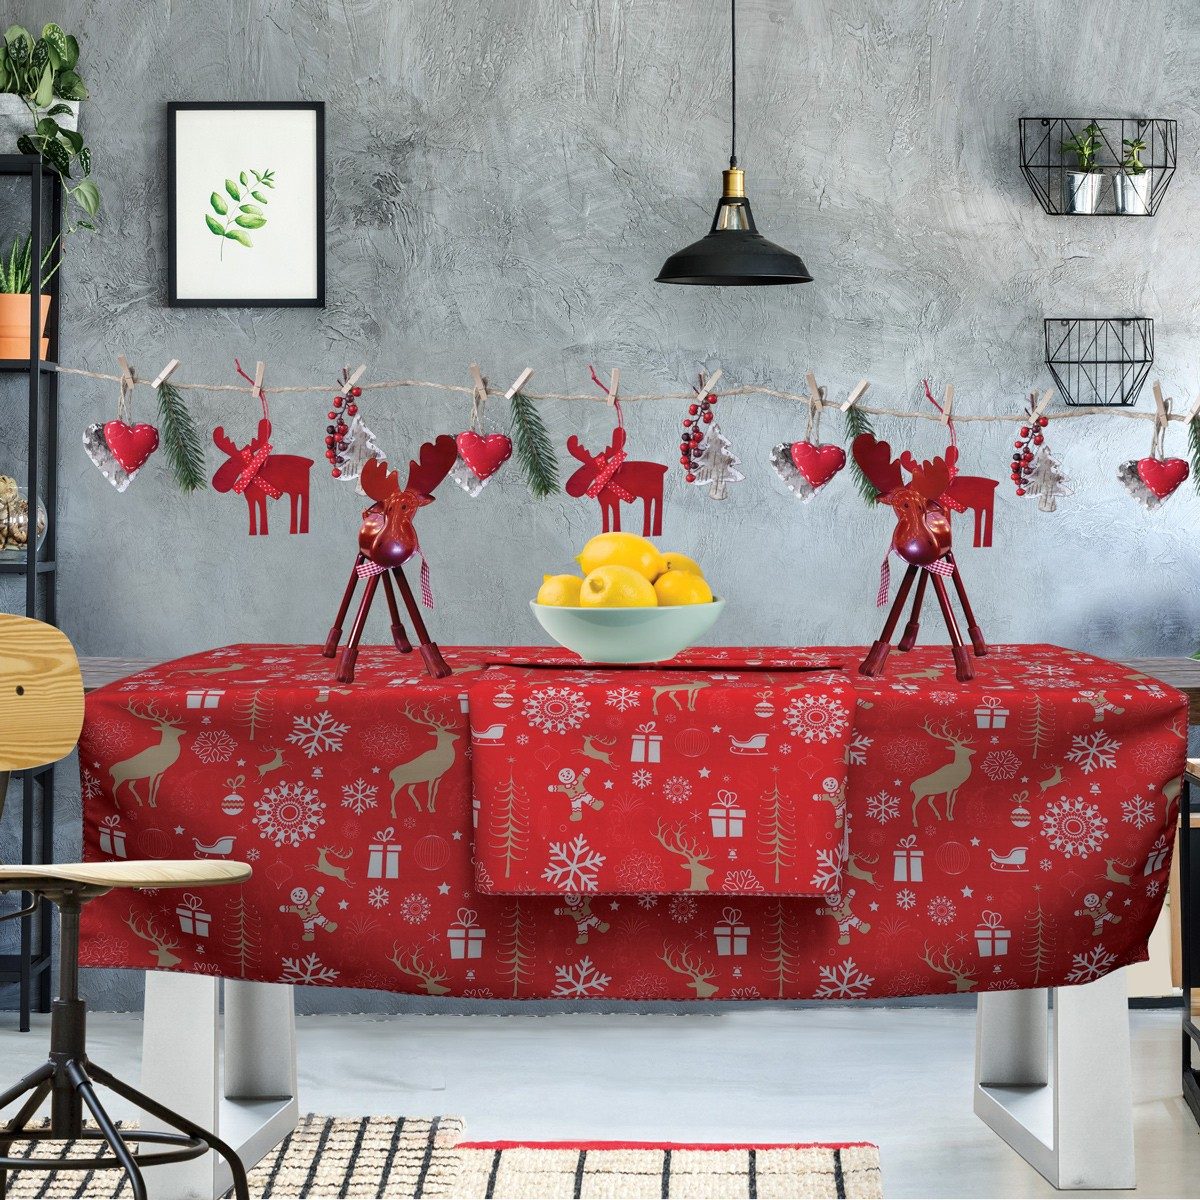 Χριστουγεννιάτικο Τραπεζομάντηλο (140x140) Das Home Kitchen 549